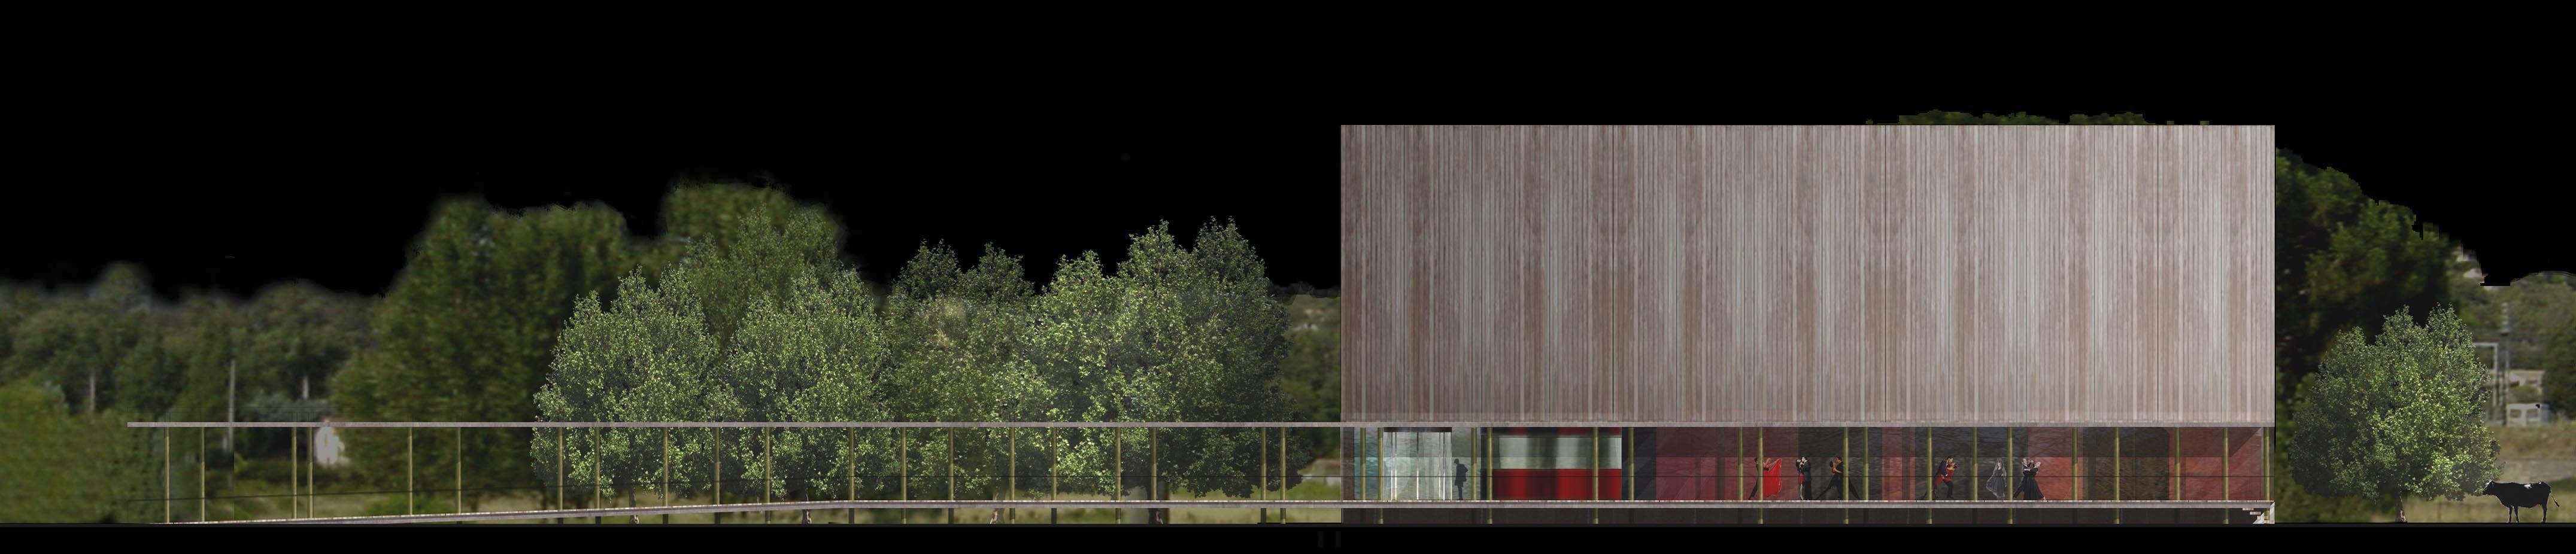 Salle de spectacle Béziers BF Architecture 7